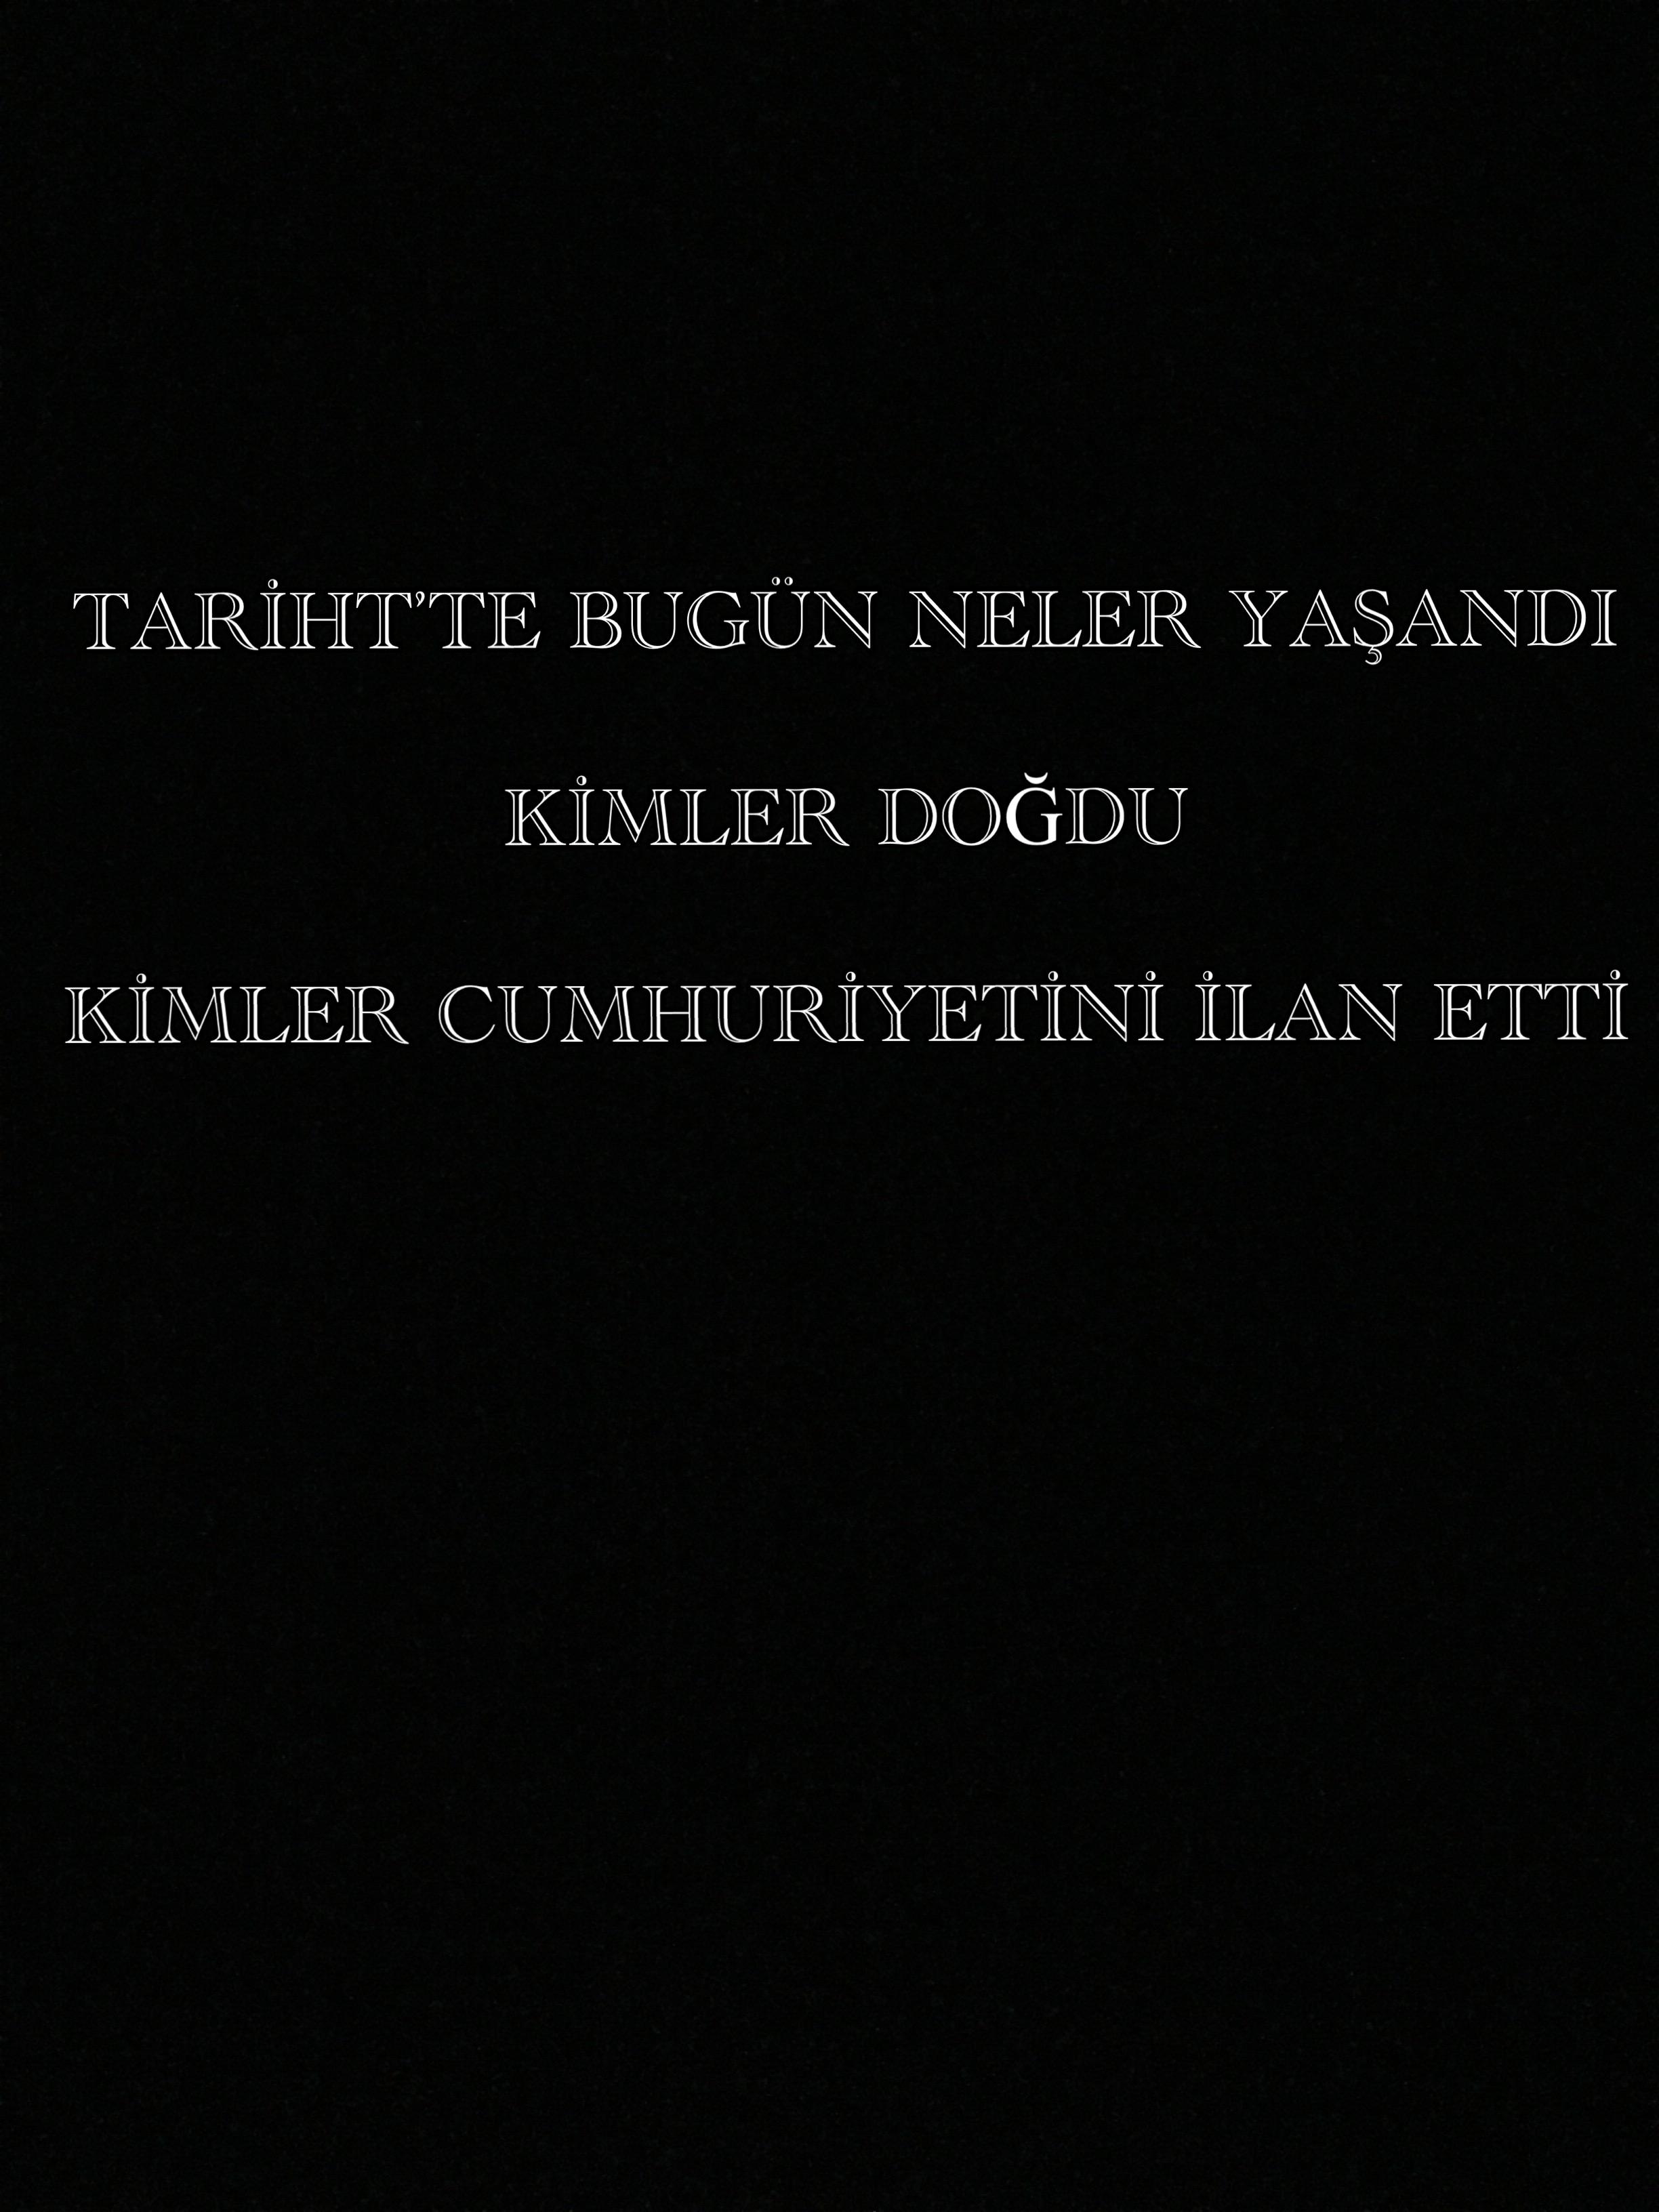 TARİH'TE BUGÜN NE OLDU